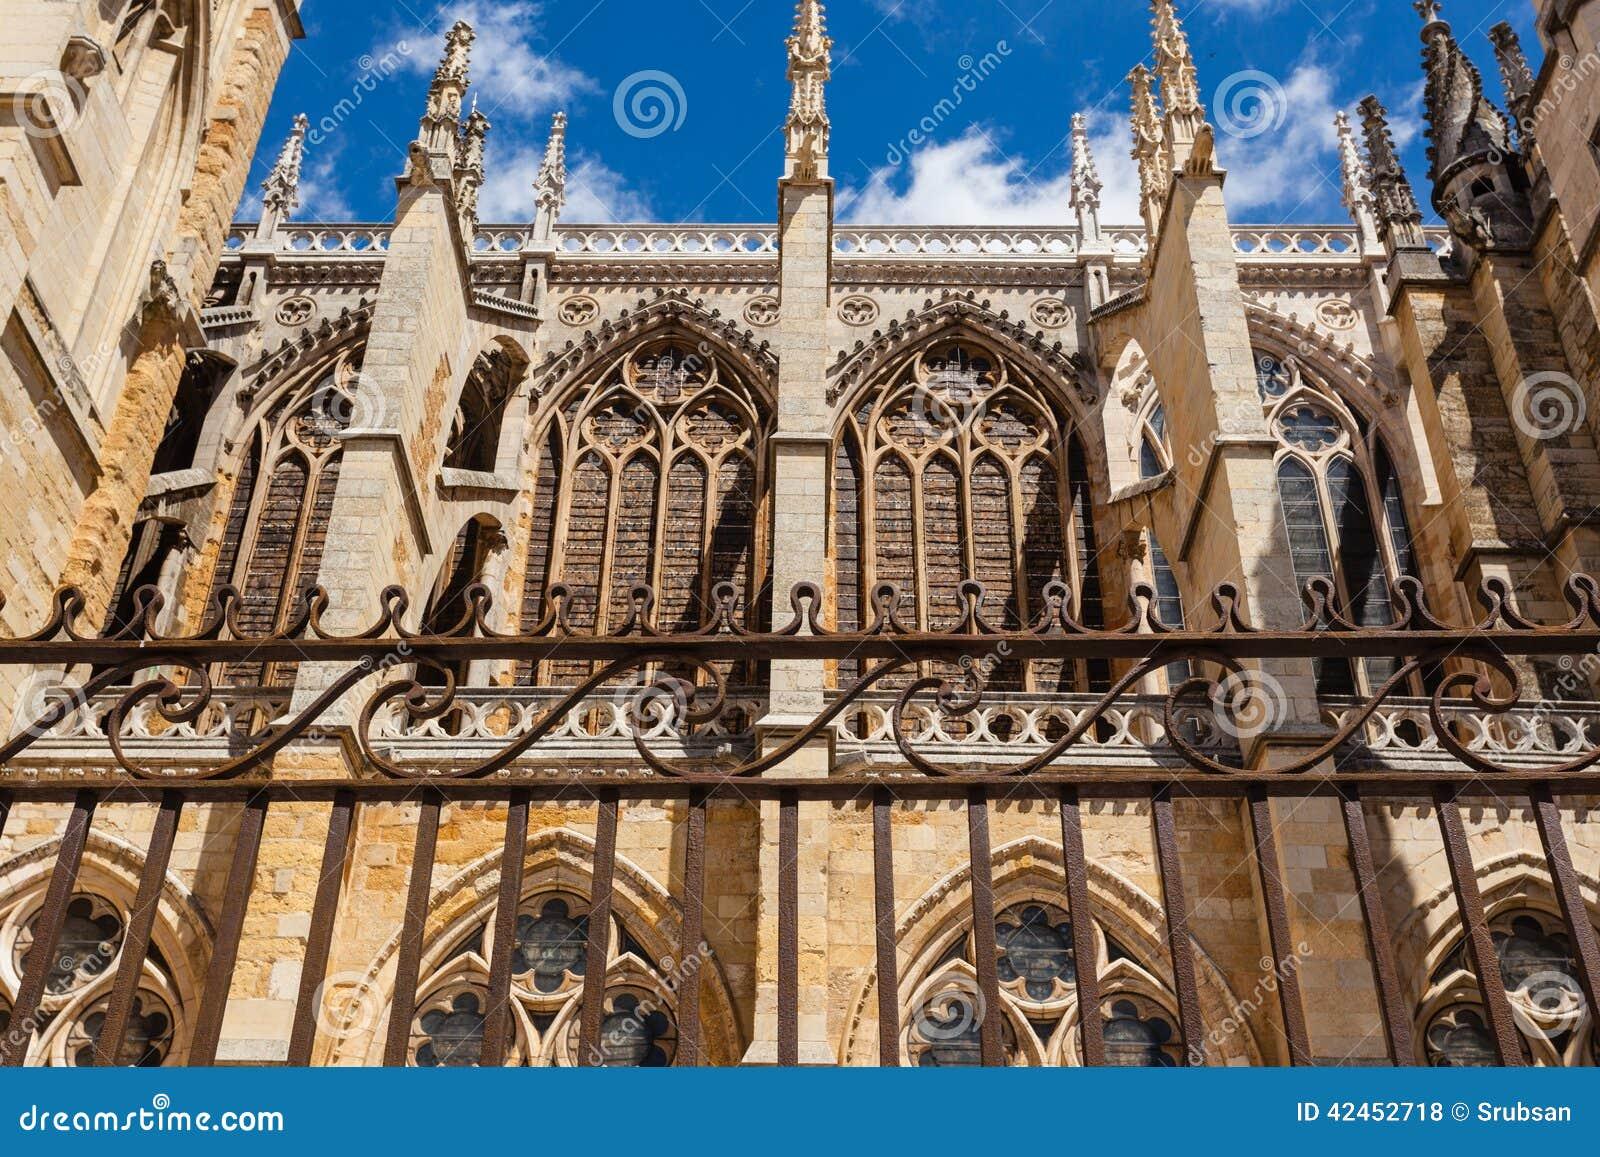 Strebewerk führt in der Kathedrale von Leon Spain einzeln auf